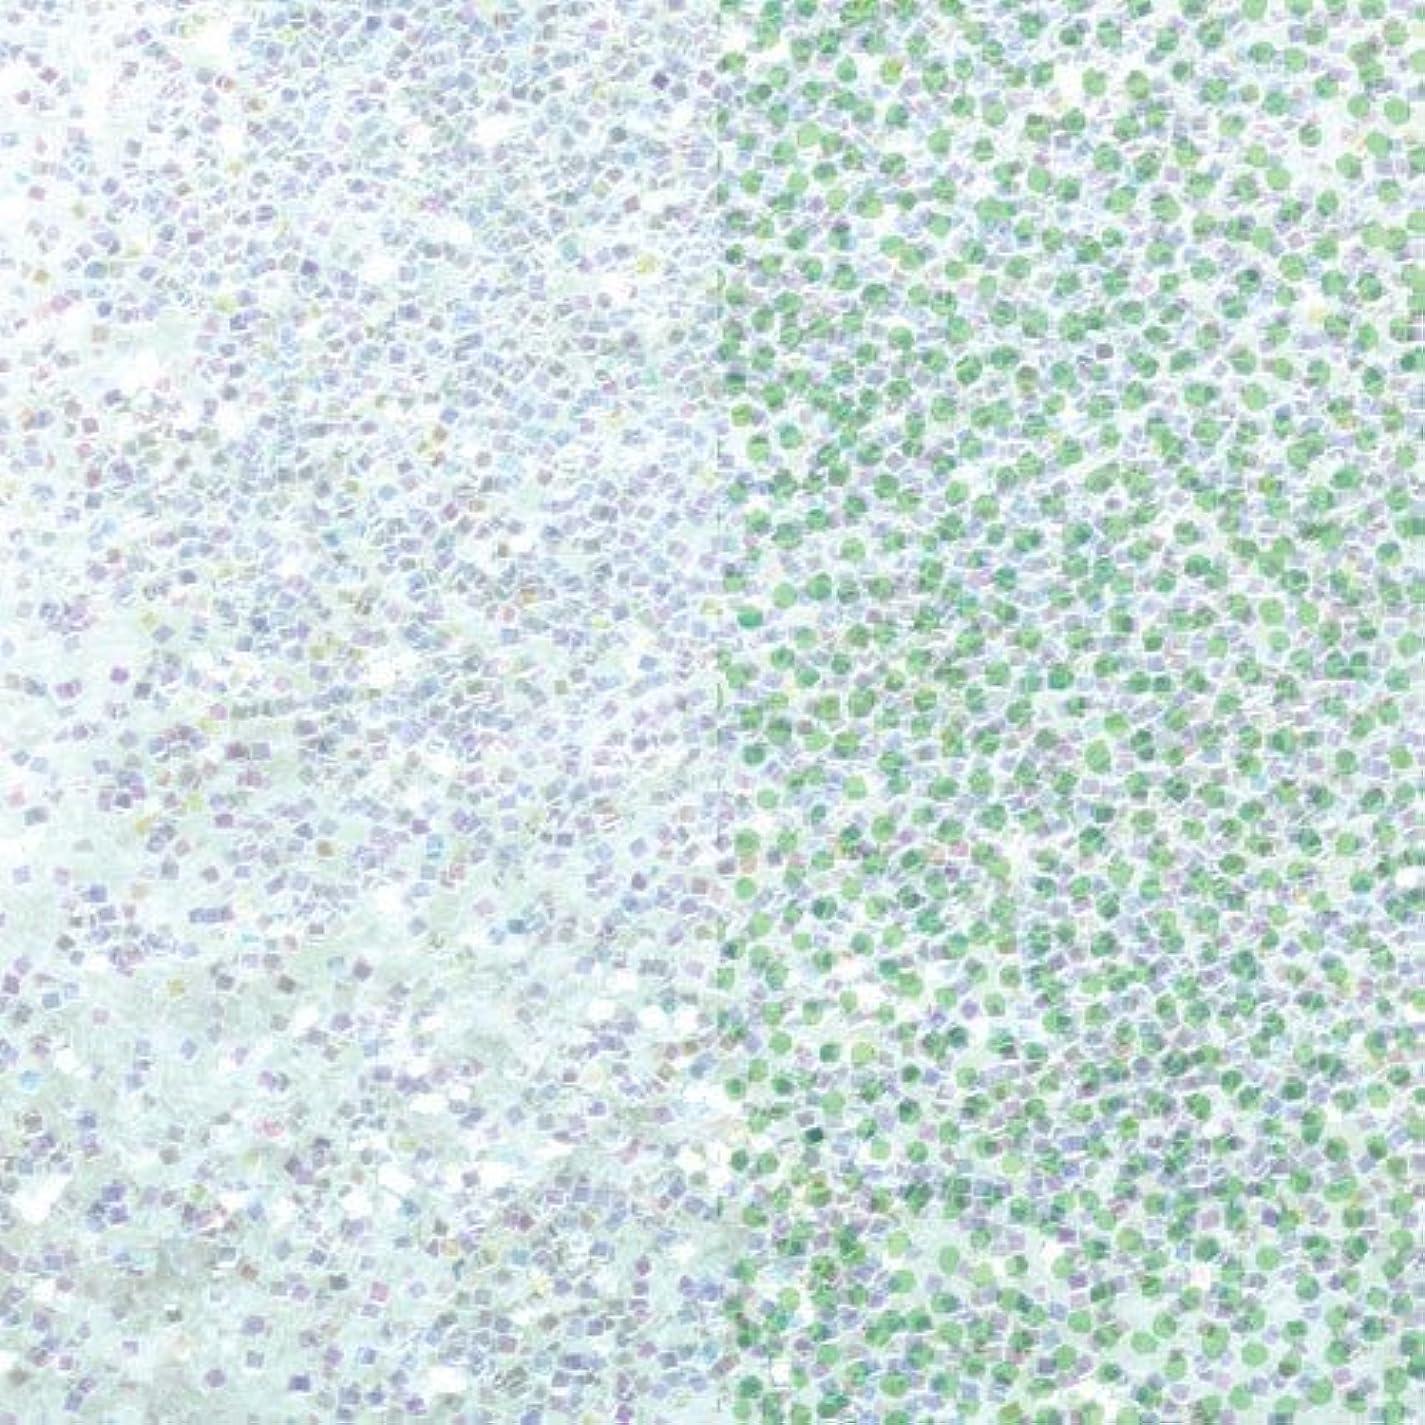 のれんお祝いきゅうりピカエース ネイル用パウダー ラメオーロラ 耐溶剤 S #631 Wグリーン 1g